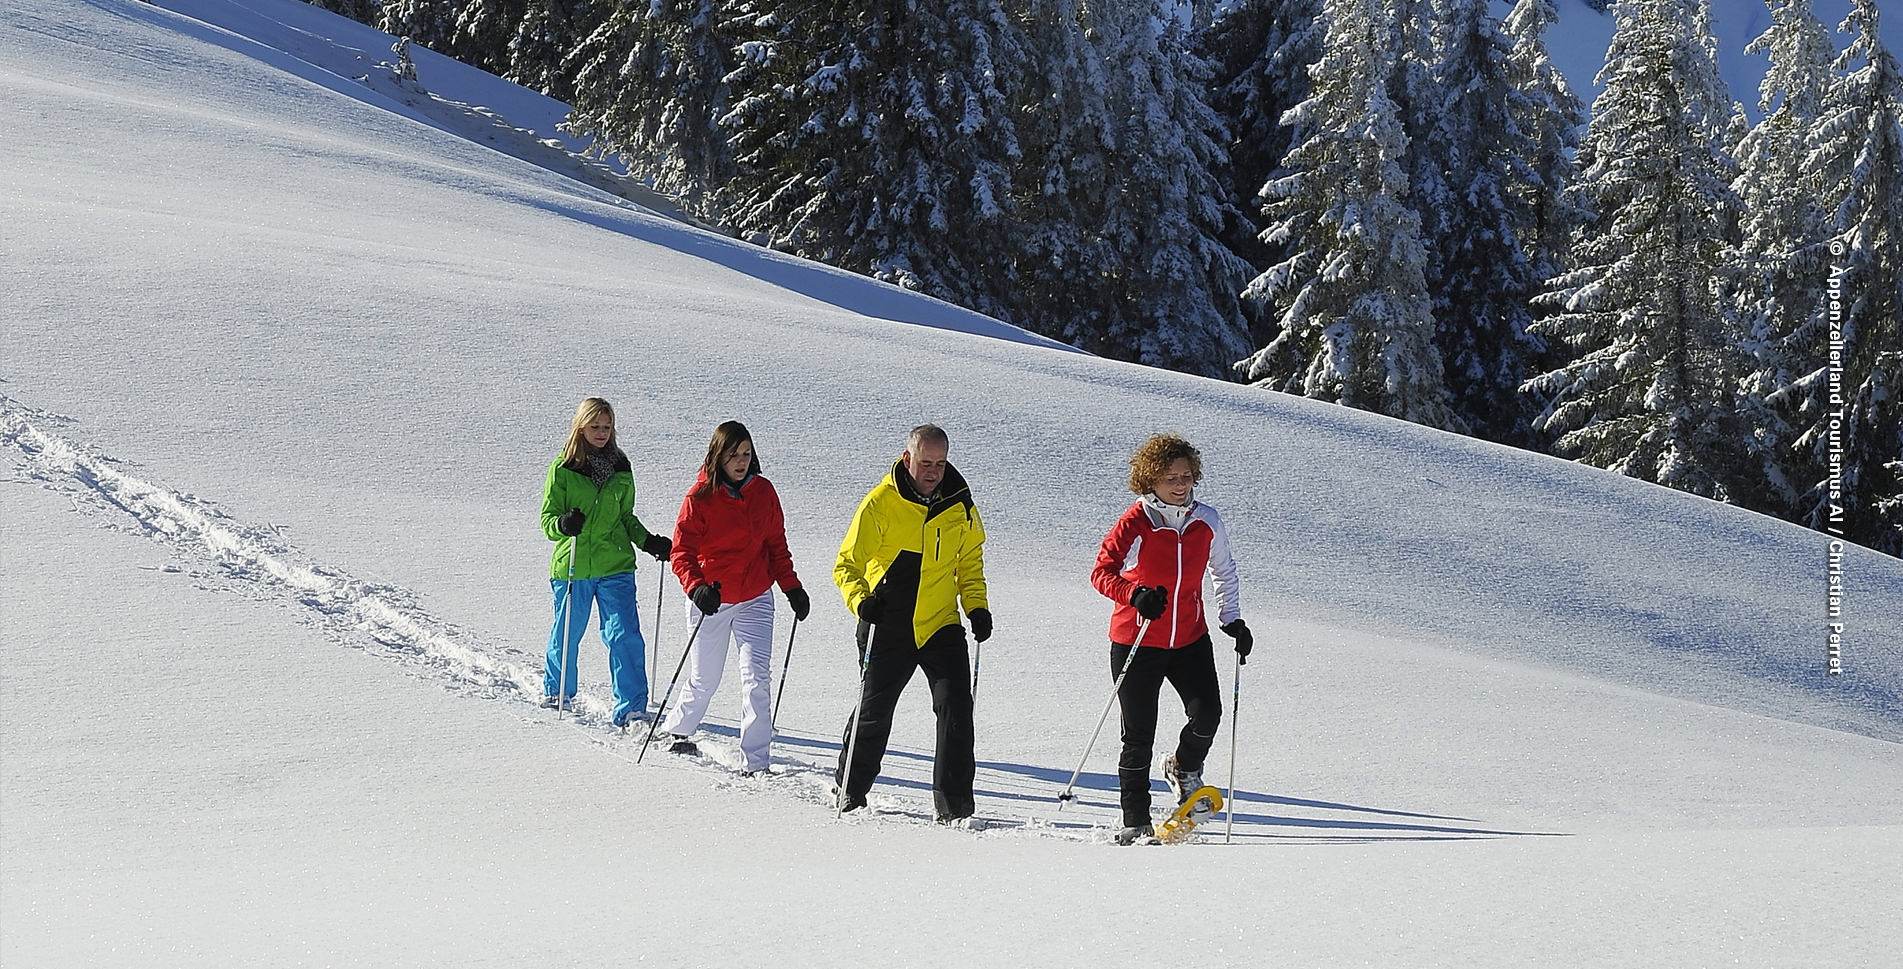 Schneeschuhtour auf dem Schneeschutrail von Bruggerenwald, bei Urnäsch im Appenzell, auf die Hochalp